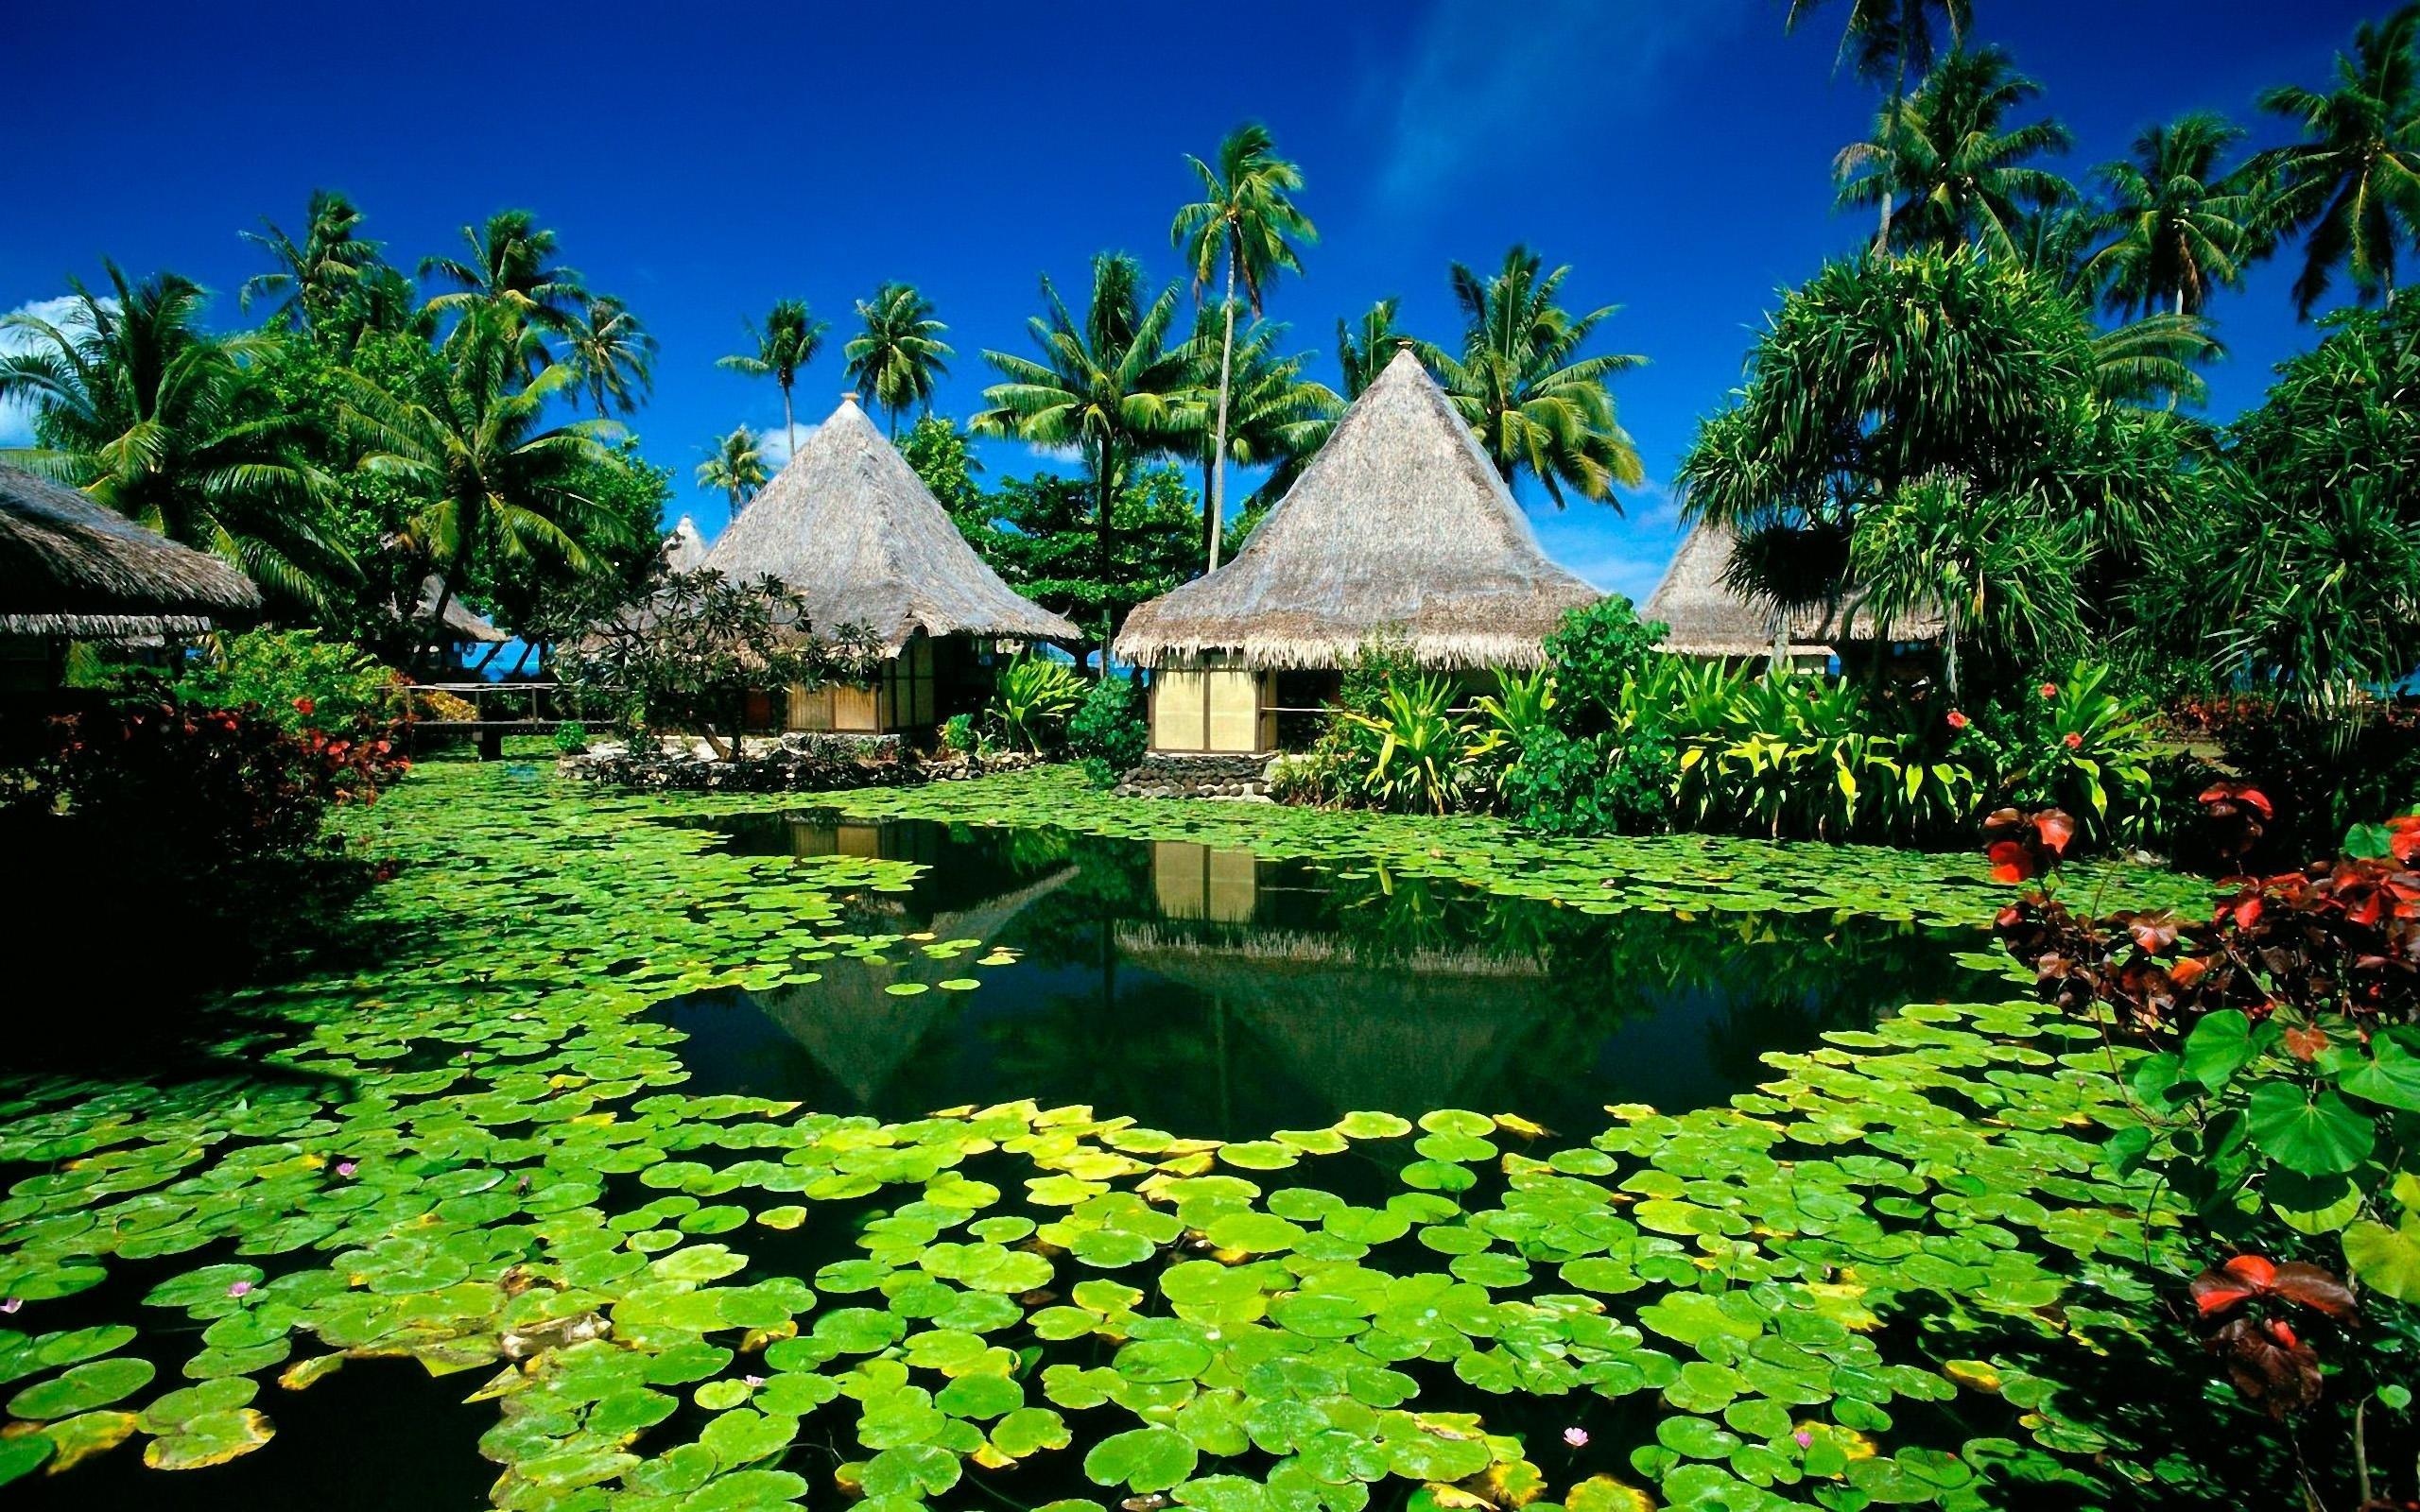 деревья, тропики, лето, гавайи бесплатно